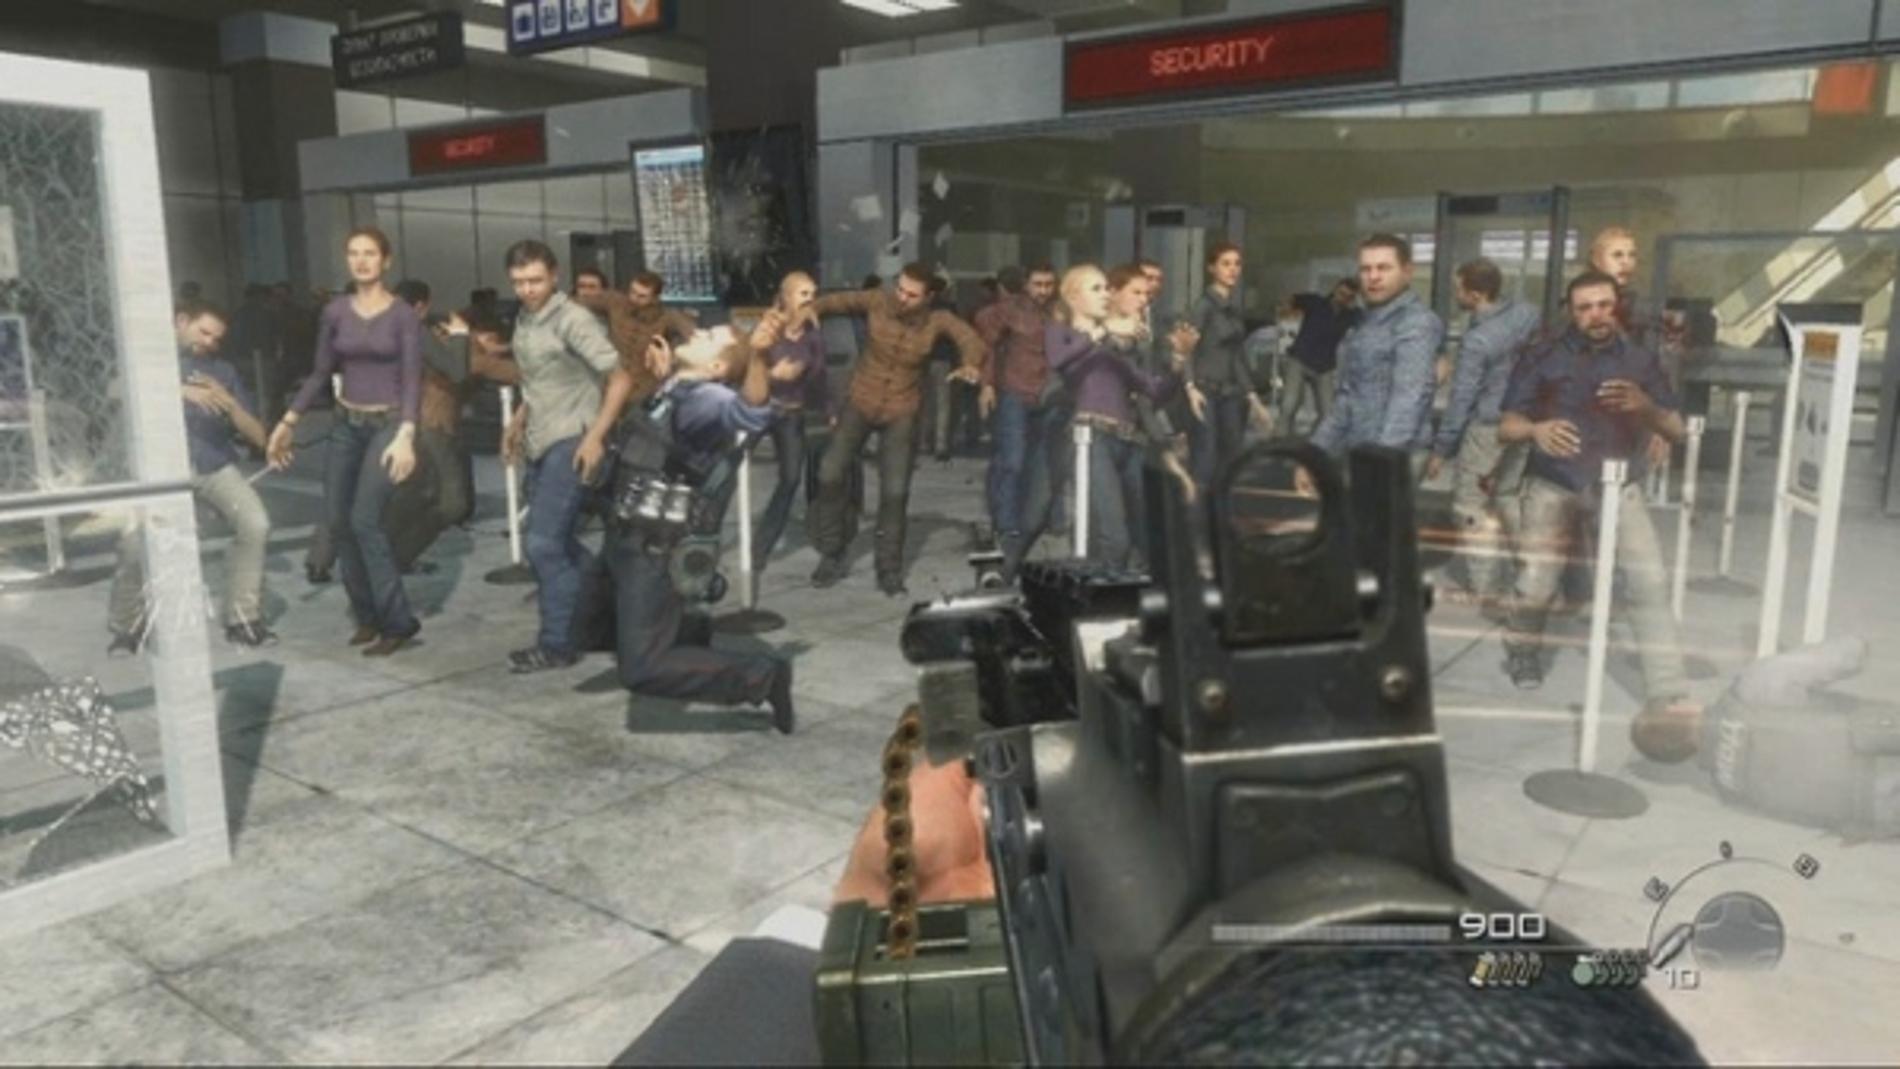 Escena polémica de Call of Duty: Modern Warfare 2. El jugador puede matar civiles